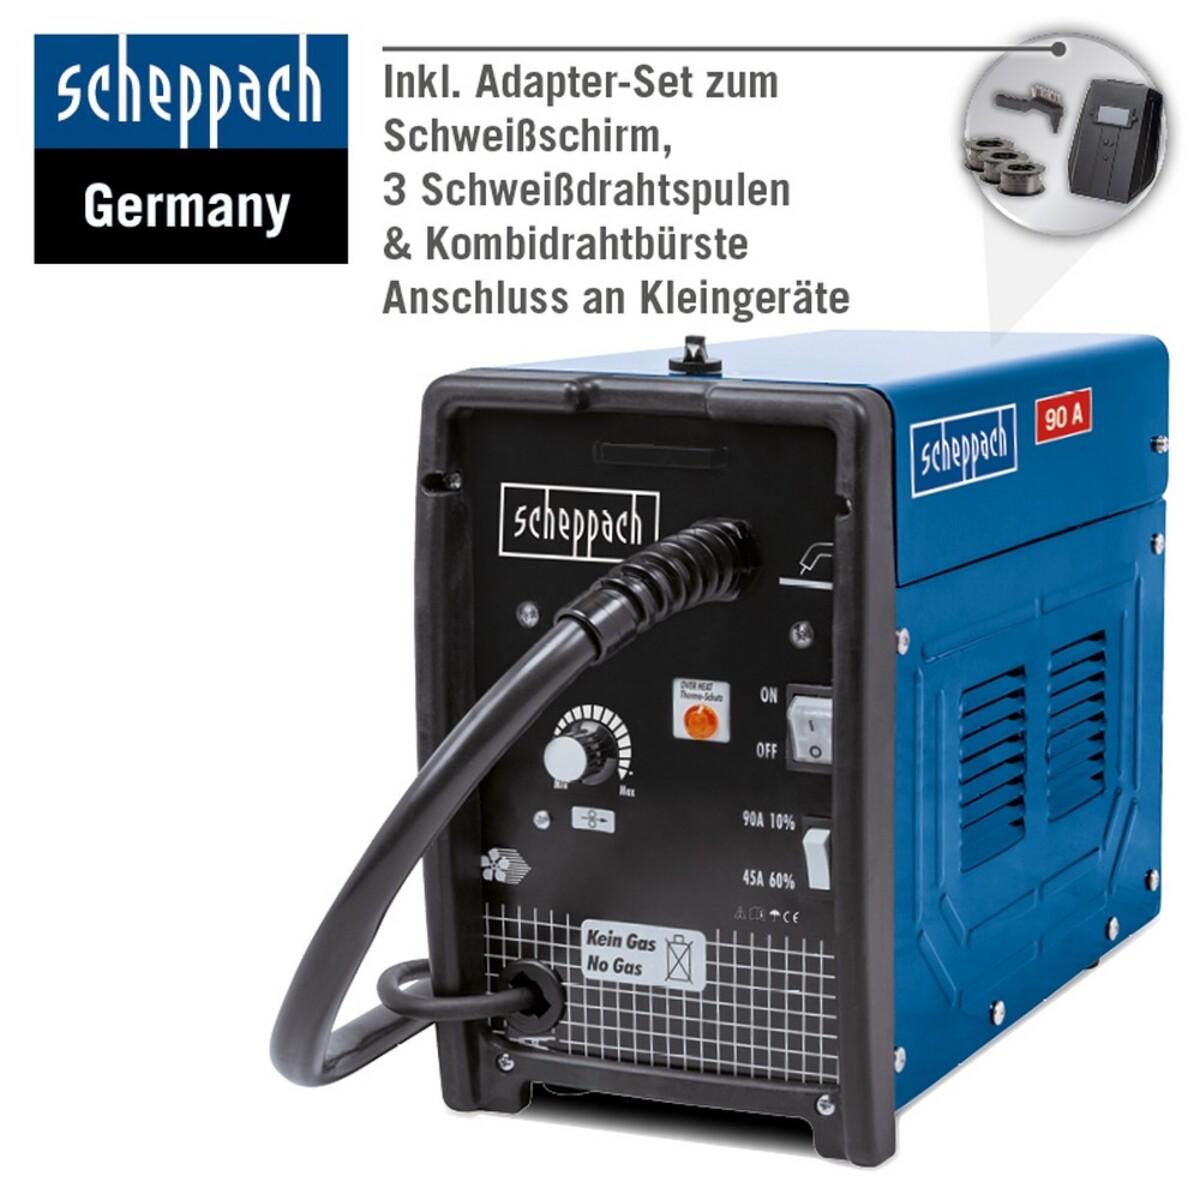 Bild 4 von Scheppach Schweissgerät WSE3200